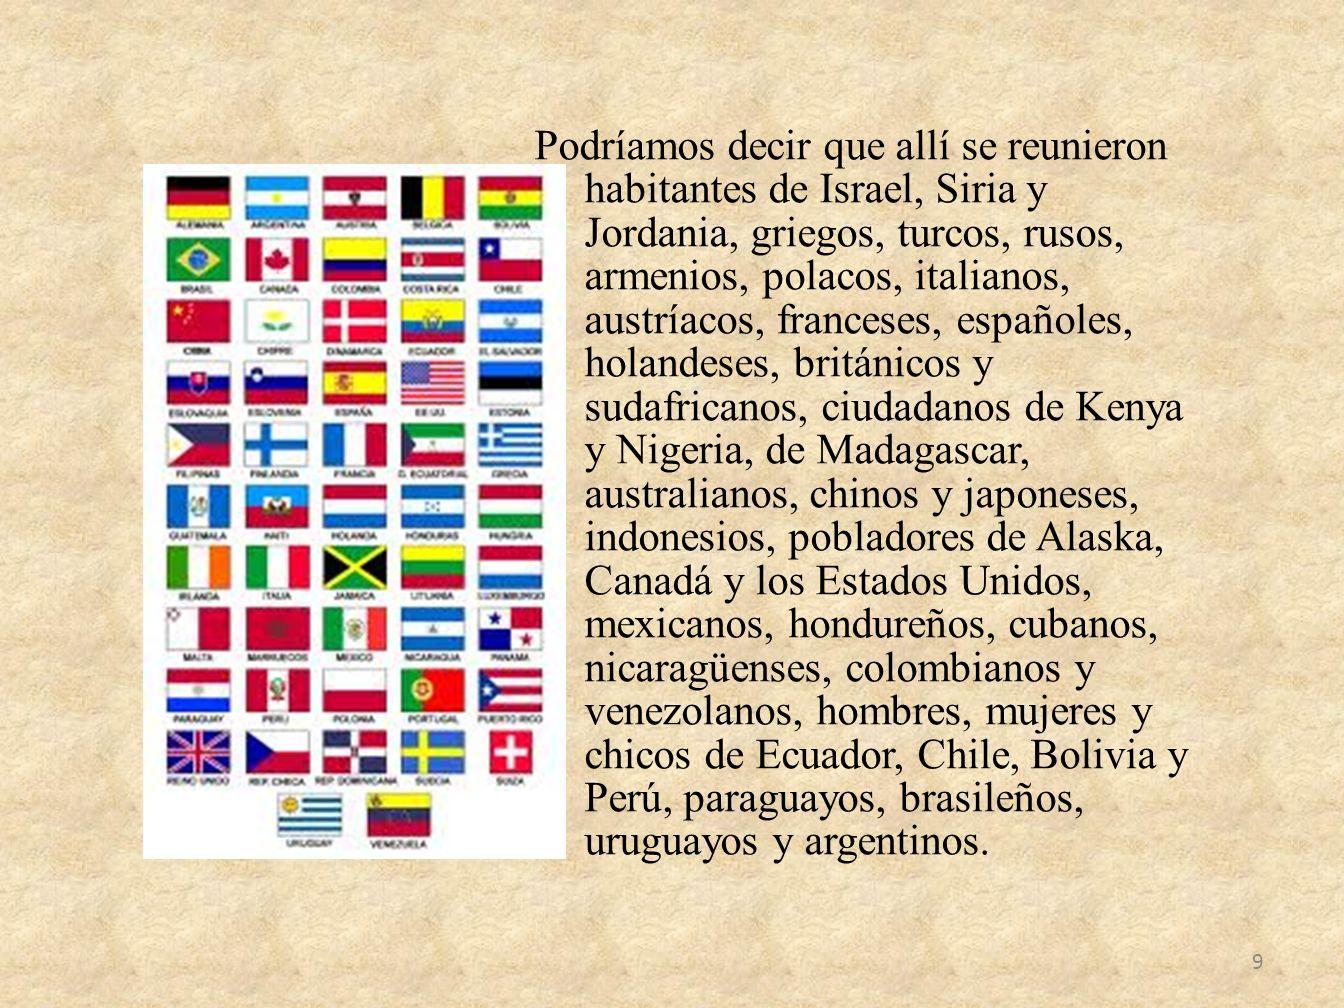 Podríamos decir que allí se reunieron habitantes de Israel, Siria y Jordania, griegos, turcos, rusos, armenios, polacos, italianos, austríacos, franceses, españoles, holandeses, británicos y sudafricanos, ciudadanos de Kenya y Nigeria, de Madagascar, australianos, chinos y japoneses, indonesios, pobladores de Alaska, Canadá y los Estados Unidos, mexicanos, hondureños, cubanos, nicaragüenses, colombianos y venezolanos, hombres, mujeres y chicos de Ecuador, Chile, Bolivia y Perú, paraguayos, brasileños, uruguayos y argentinos.